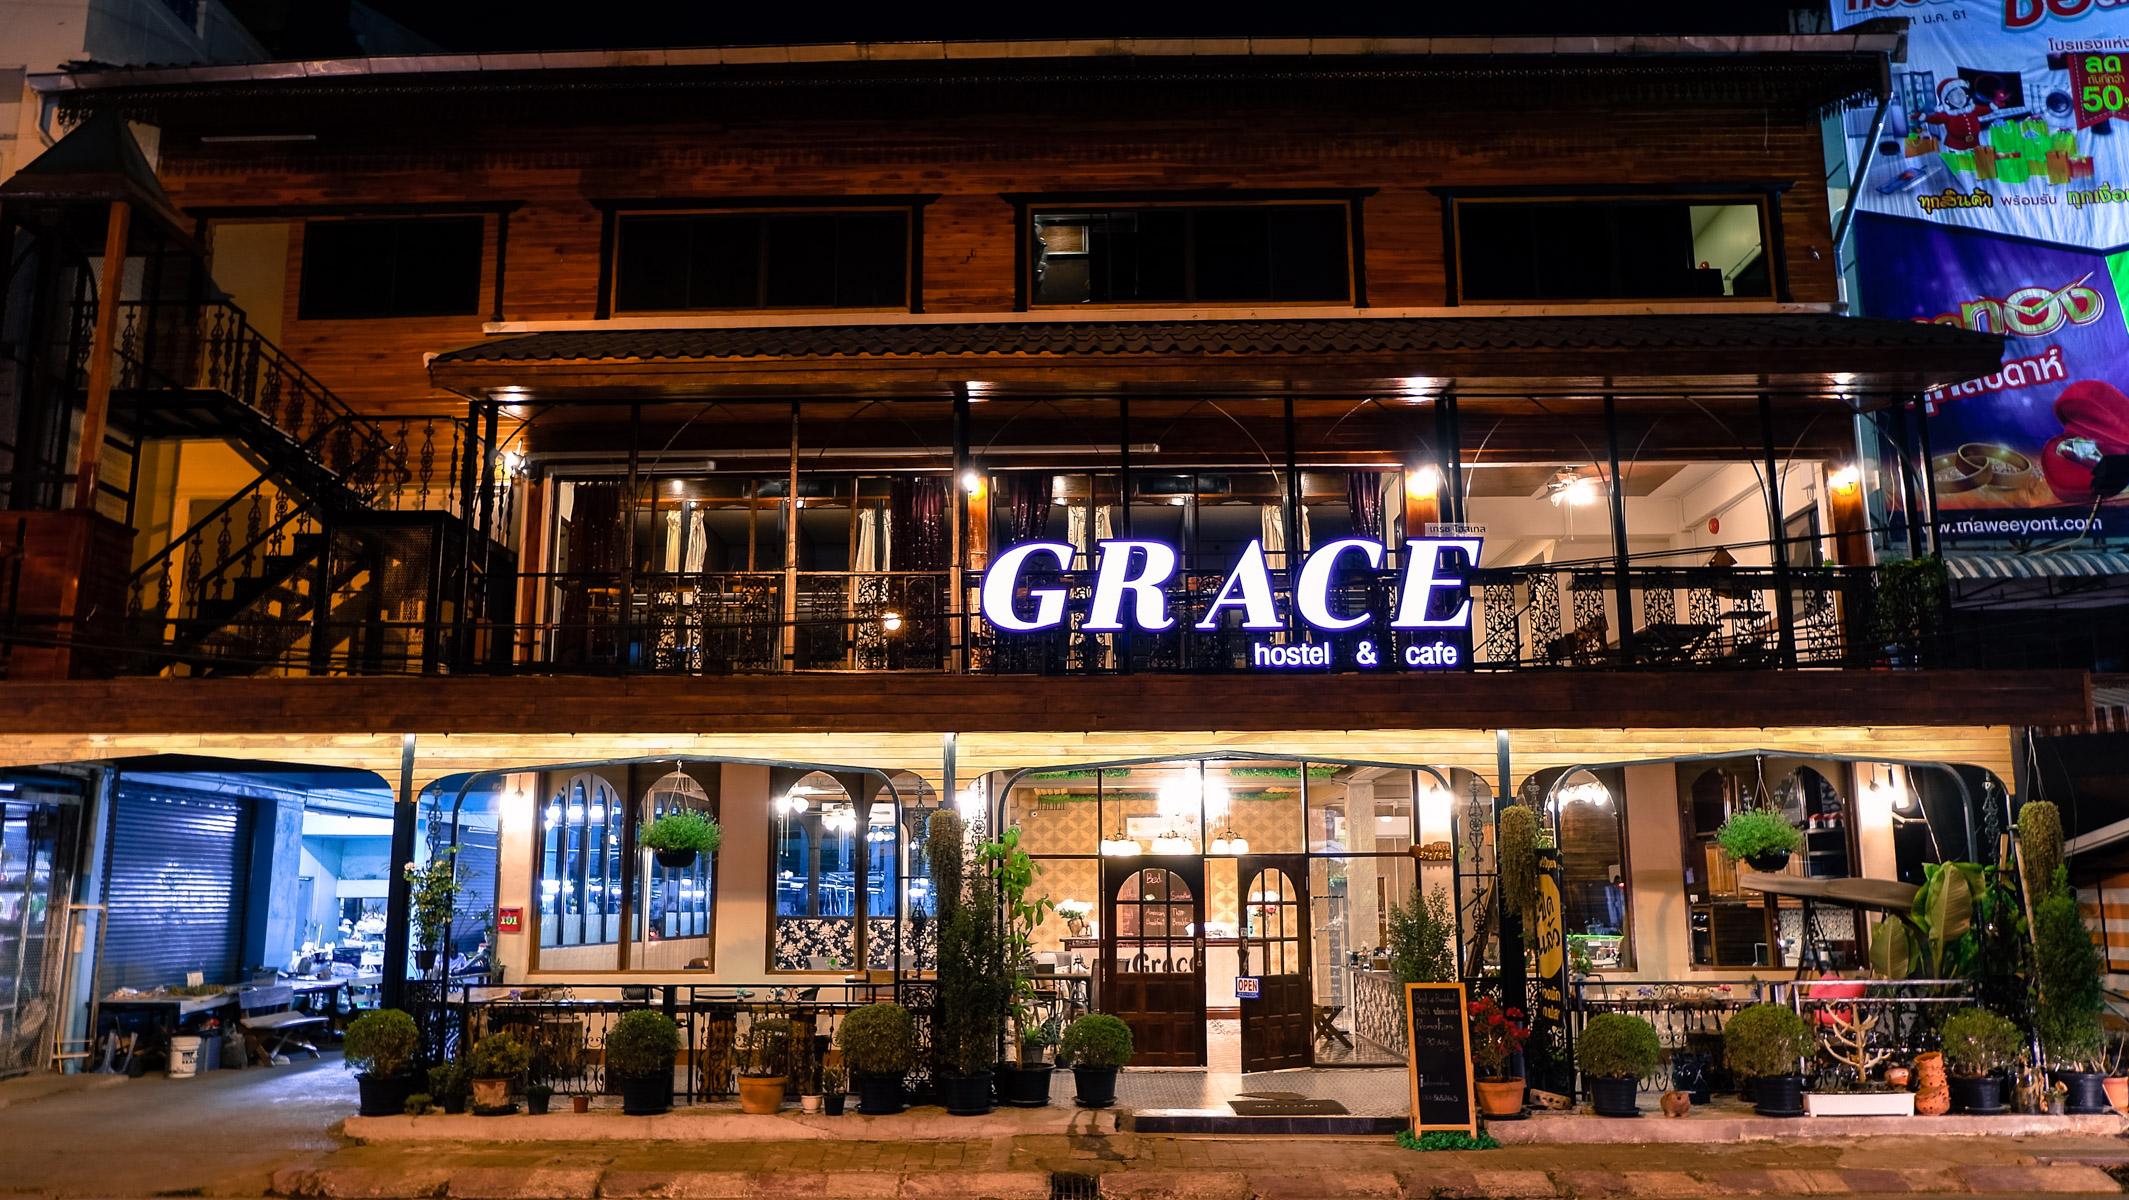 Grace Hostel